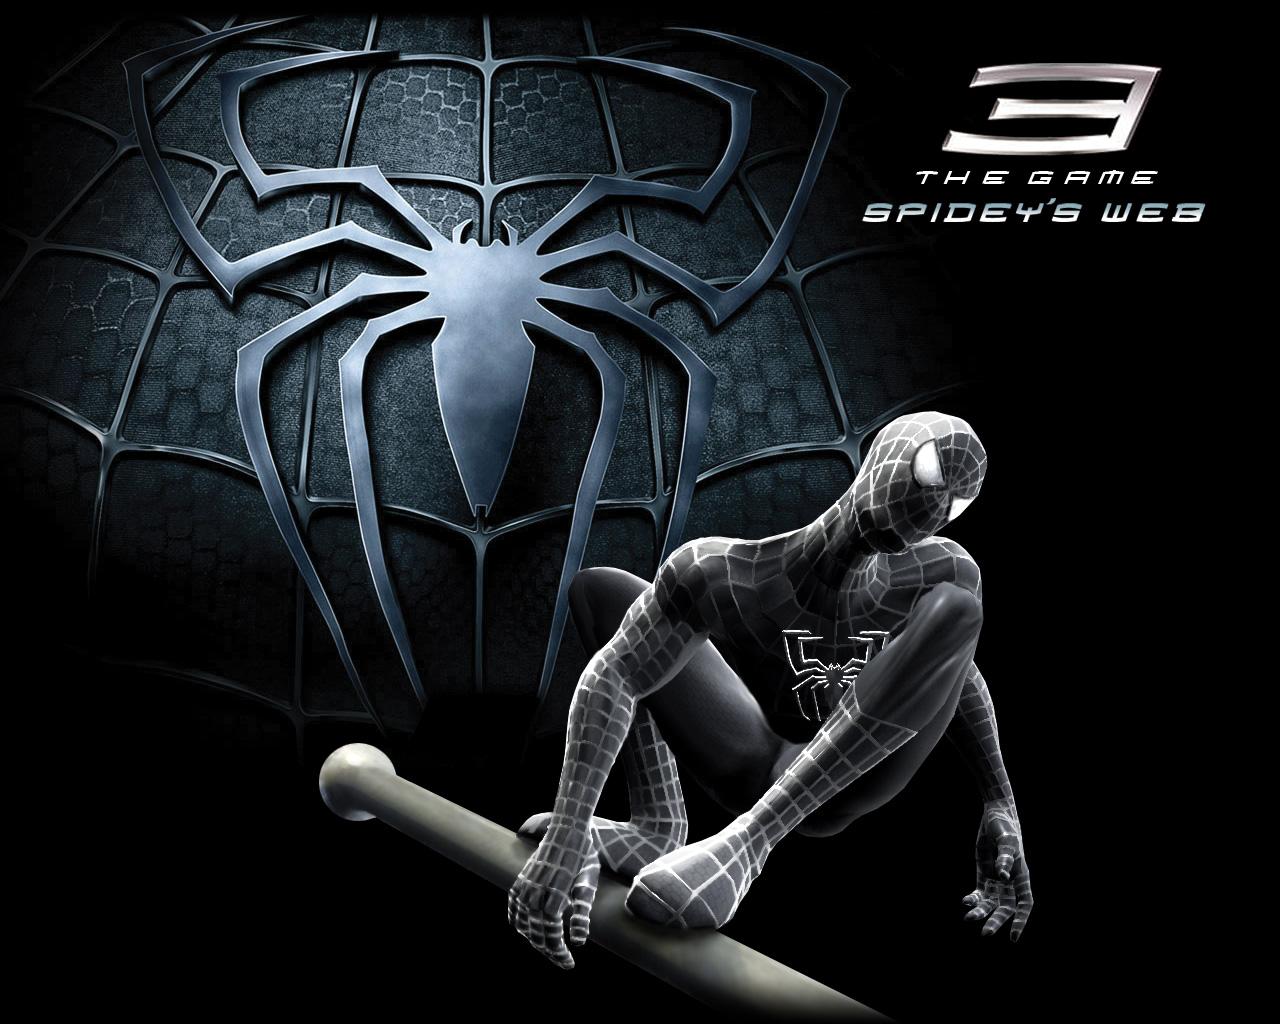 spider man 3 wallpaper hd - photo #24